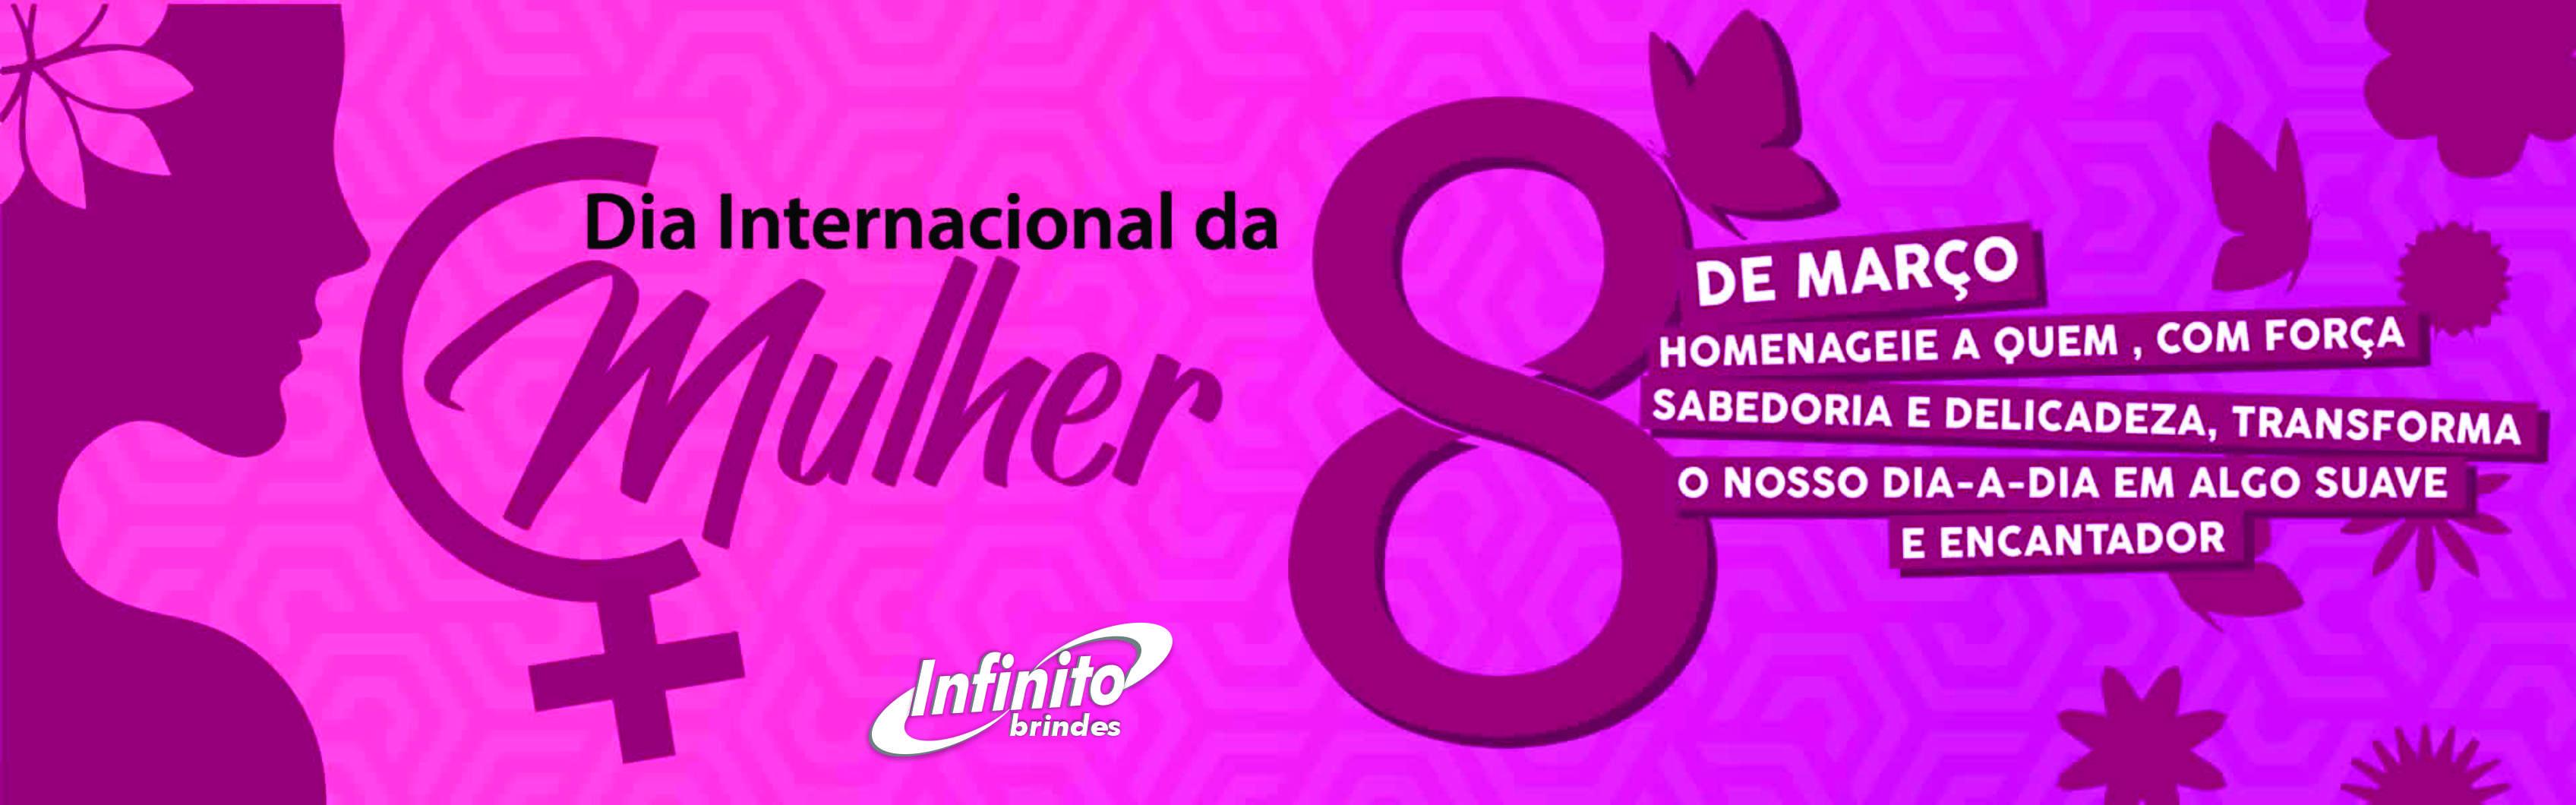 o Dia Internacional da Mulher